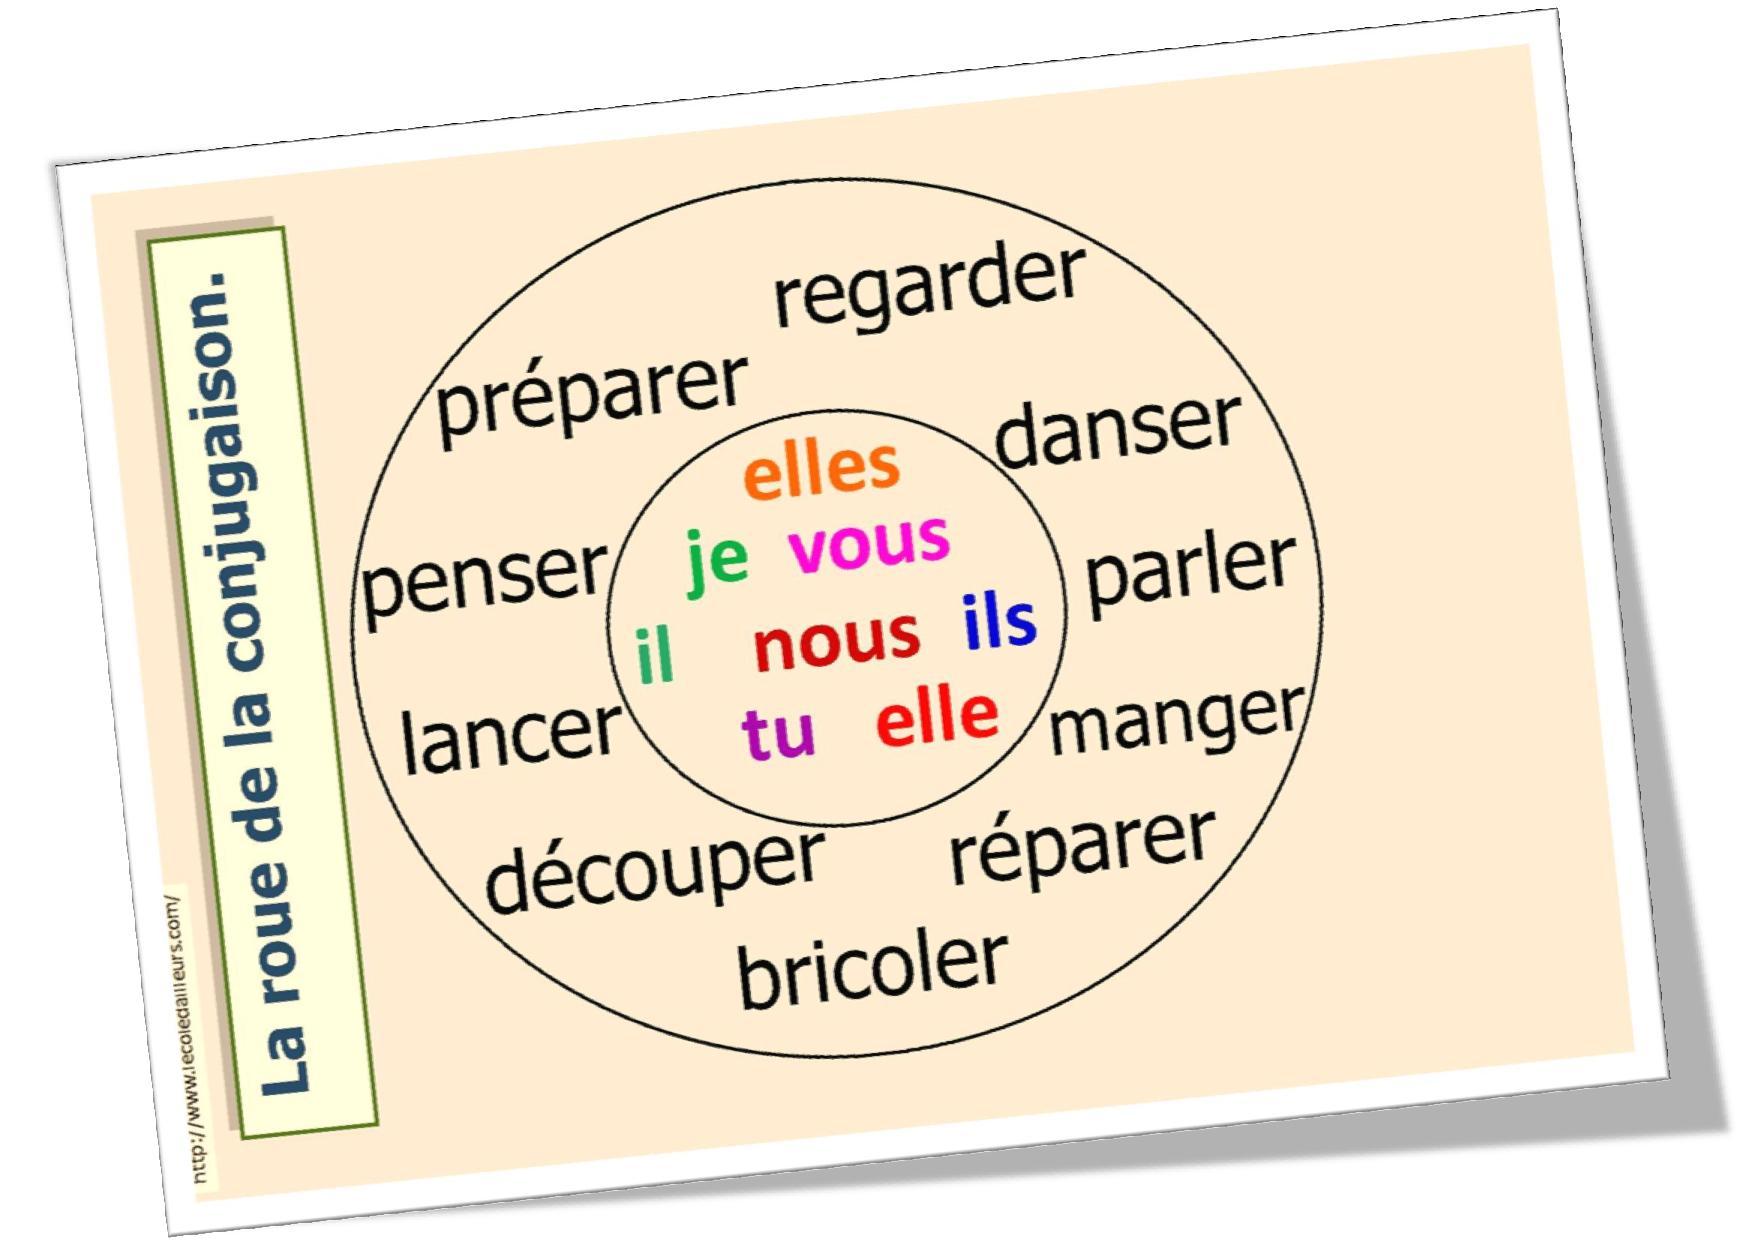 Rencontre verb conjugaison